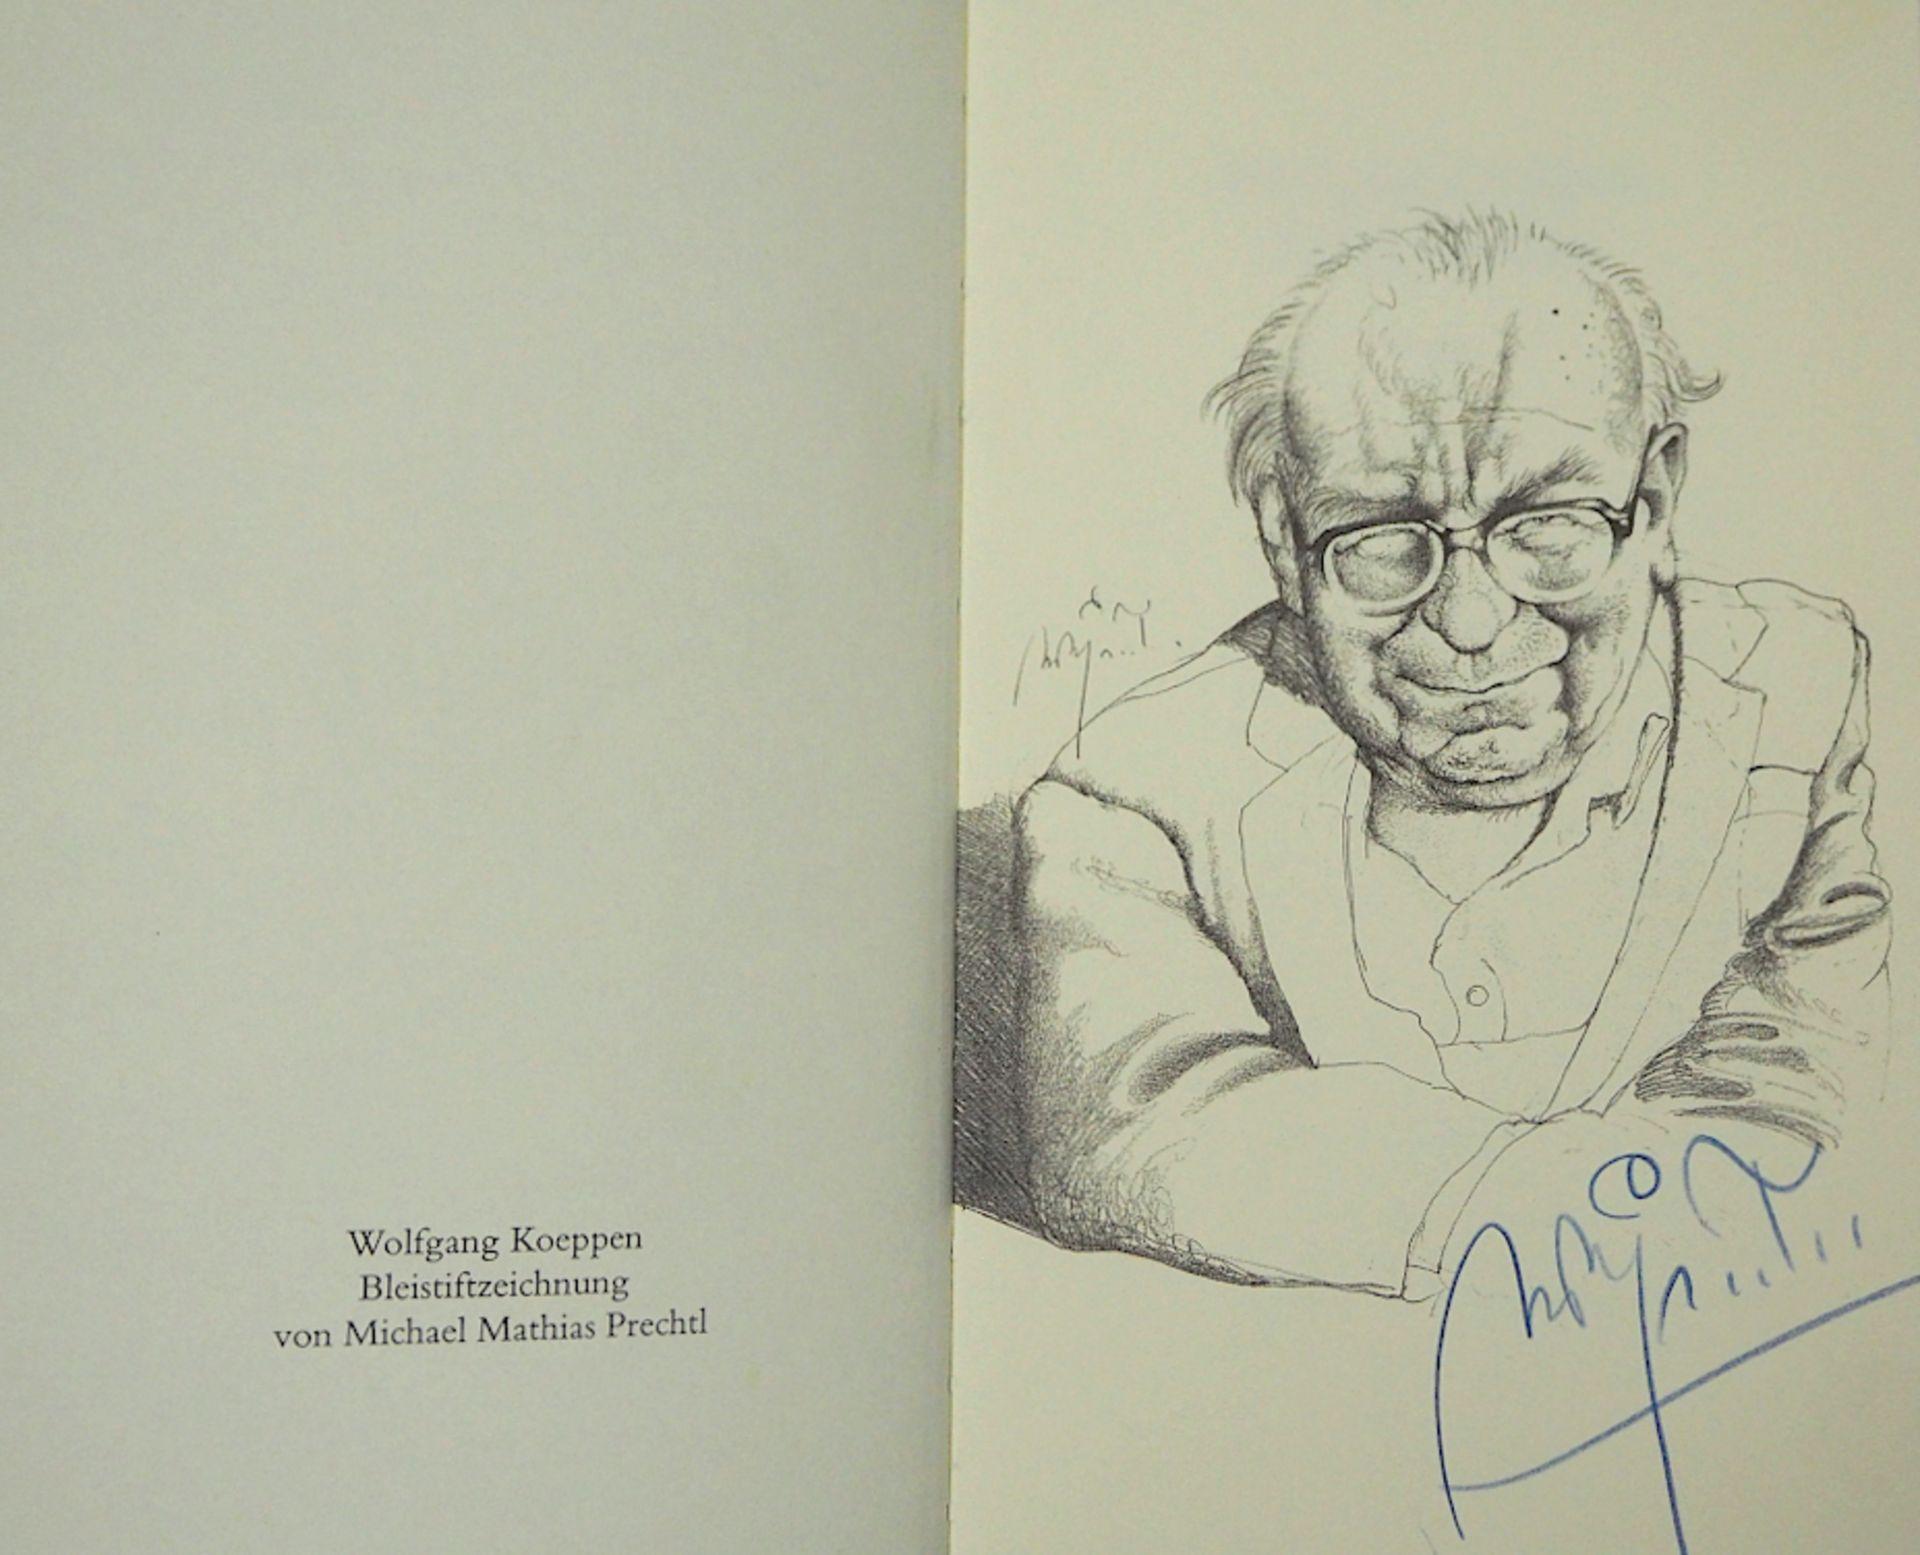 1 Sammlung Kunstbücher mit dem Schwerpunkt Michael Mathias PRECHTL (wohl 1926-2003) z.T. mit Or - Bild 2 aus 11